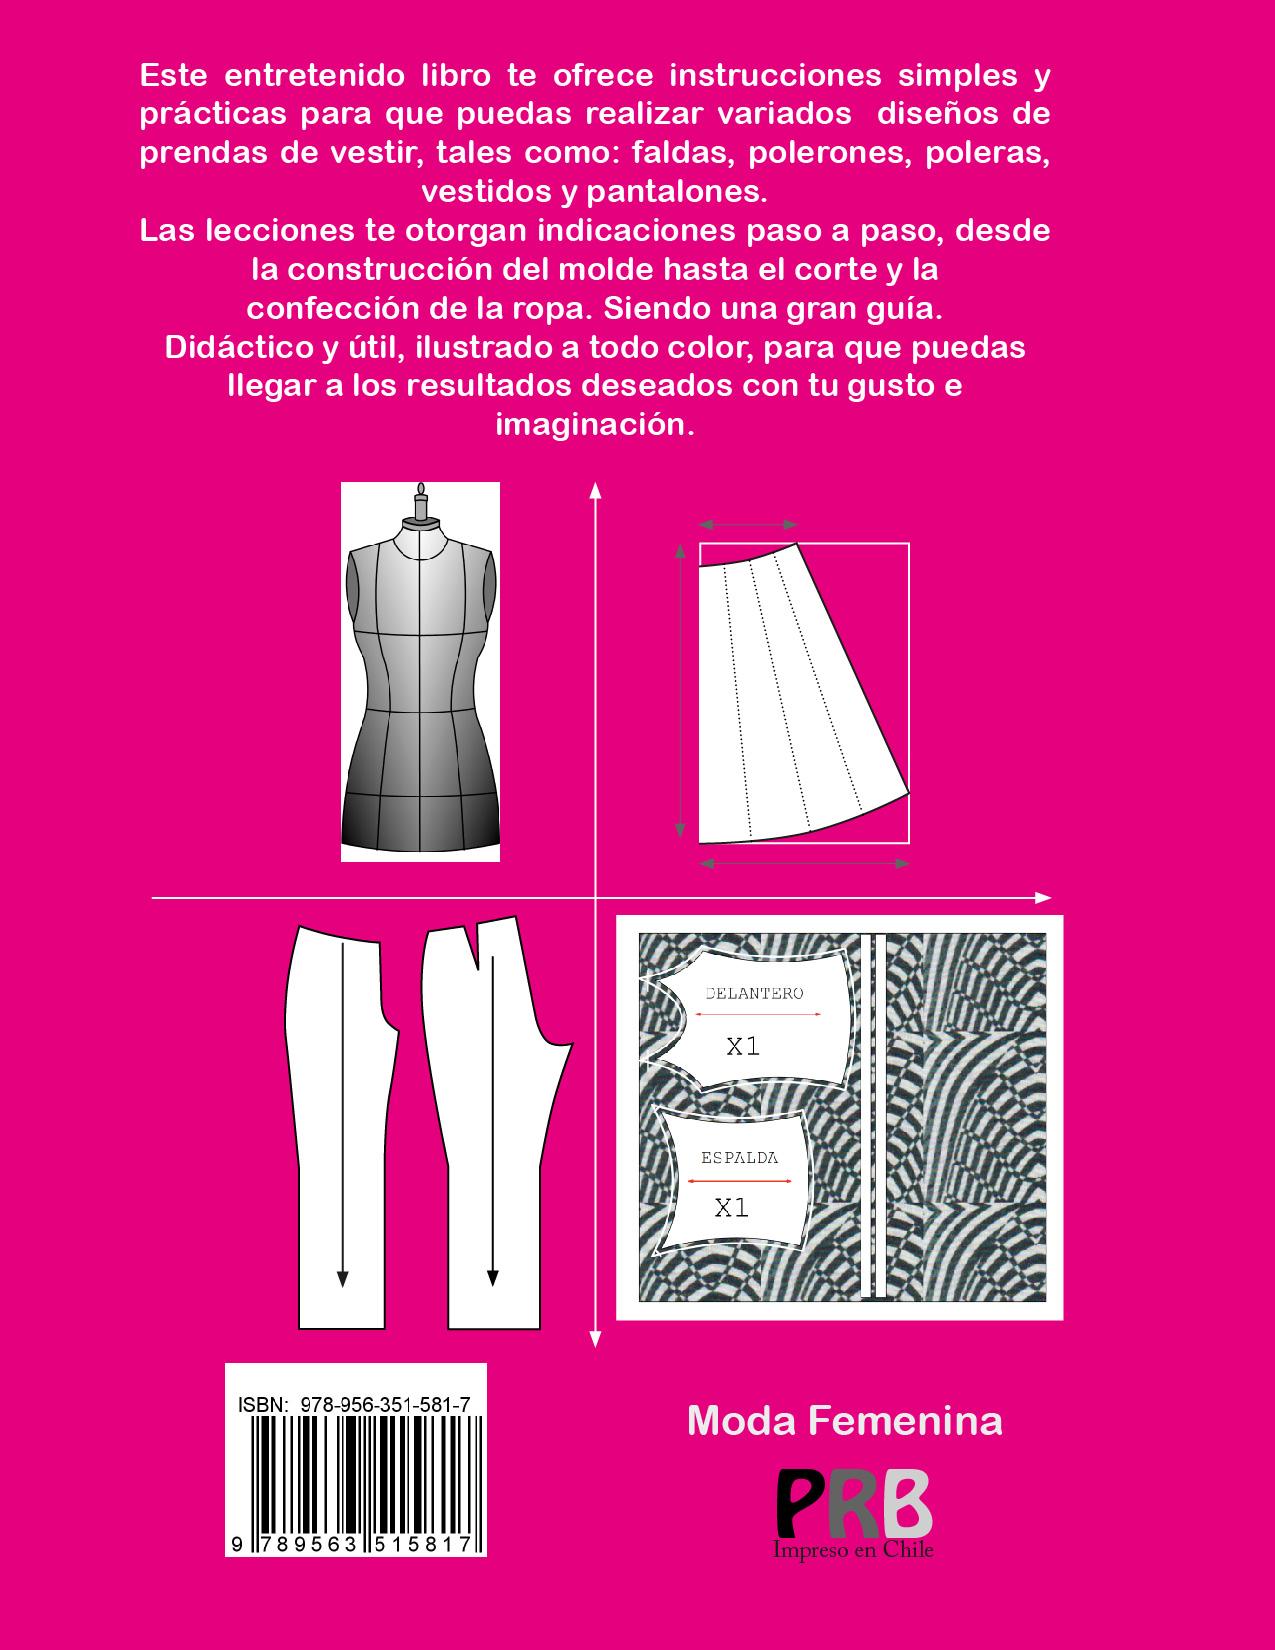 Libro corte y confecci n moda femenina pdf moldesypatrones Libros de ceramica pdf